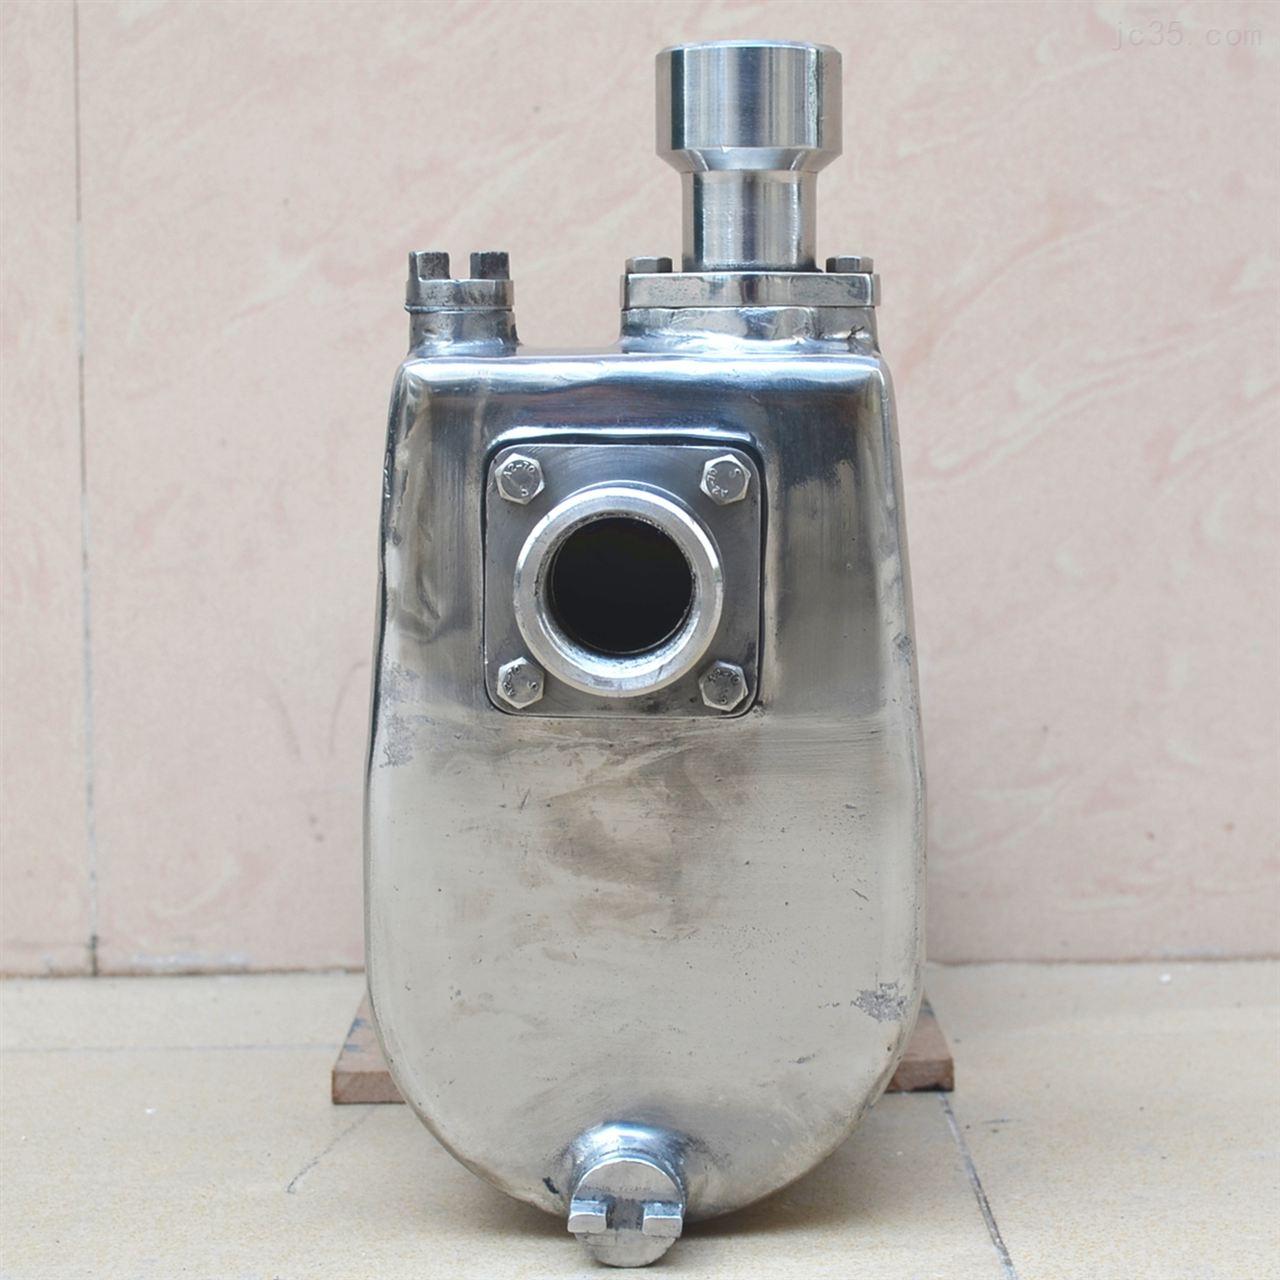 沃德自吸式不锈钢半开式食品卫生泵 豆浆输送泵 豆渣输送泵